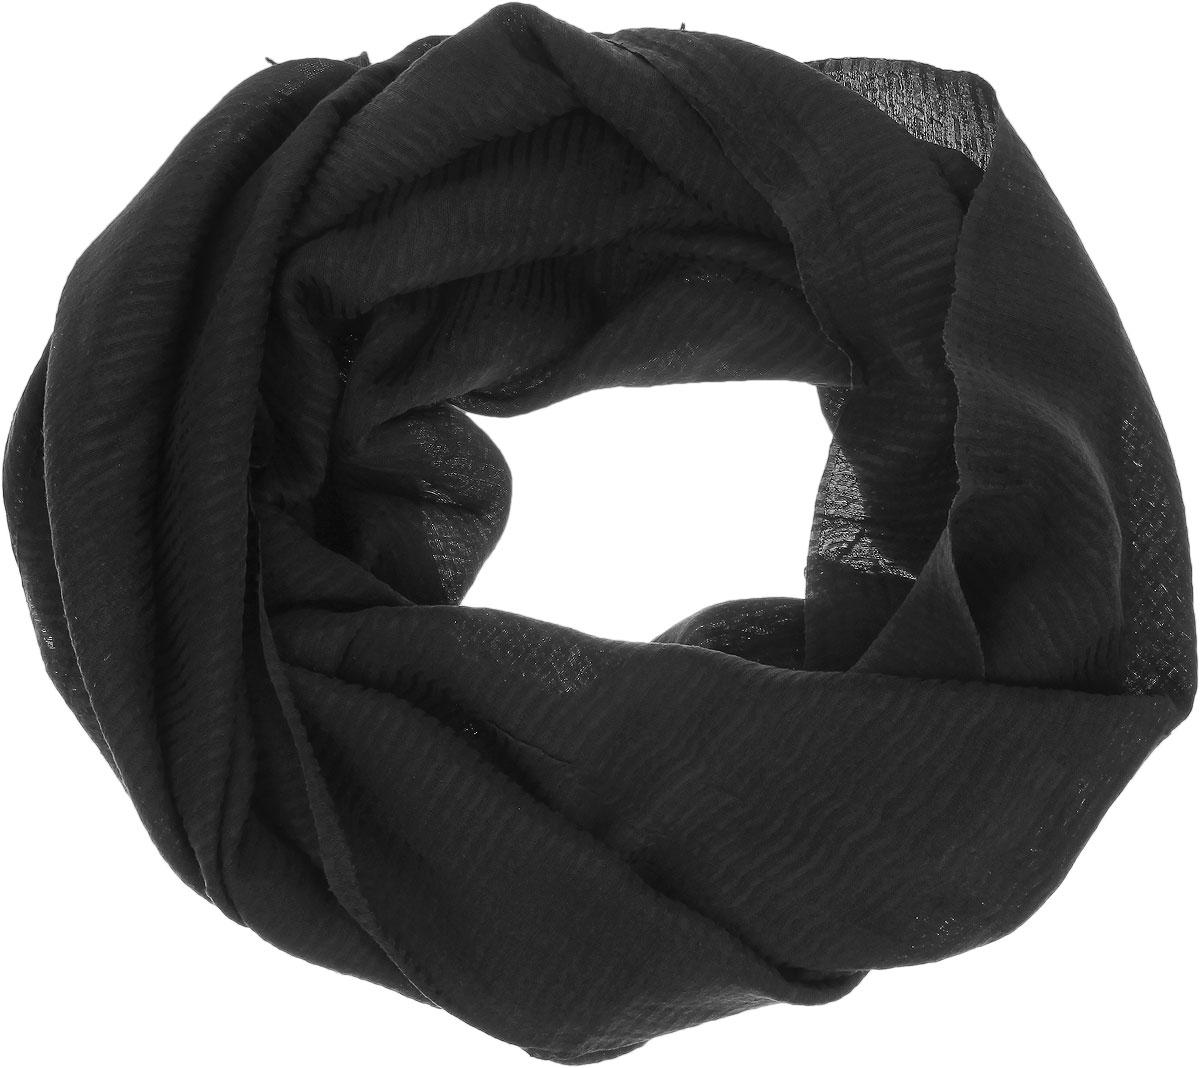 Шарф014225Элегантный шелковый шарф Ethnica станет изысканным, нарядным аксессуаром, который призван подчеркнуть индивидуальность и очарование женщины. Модель легкая полупрозрачная, с поперечными чередующимися полосками. Шарф выполнен из шелка с использованием натуральных красителей и по краям декорирован кистями. Этот модный аксессуар женского гардероба гармонично дополнит образ современной женщины, следящей за своим имиджем и стремящейся всегда оставаться стильной и элегантной. В этом шарфе вы всегда будете выглядеть женственной и привлекательной.